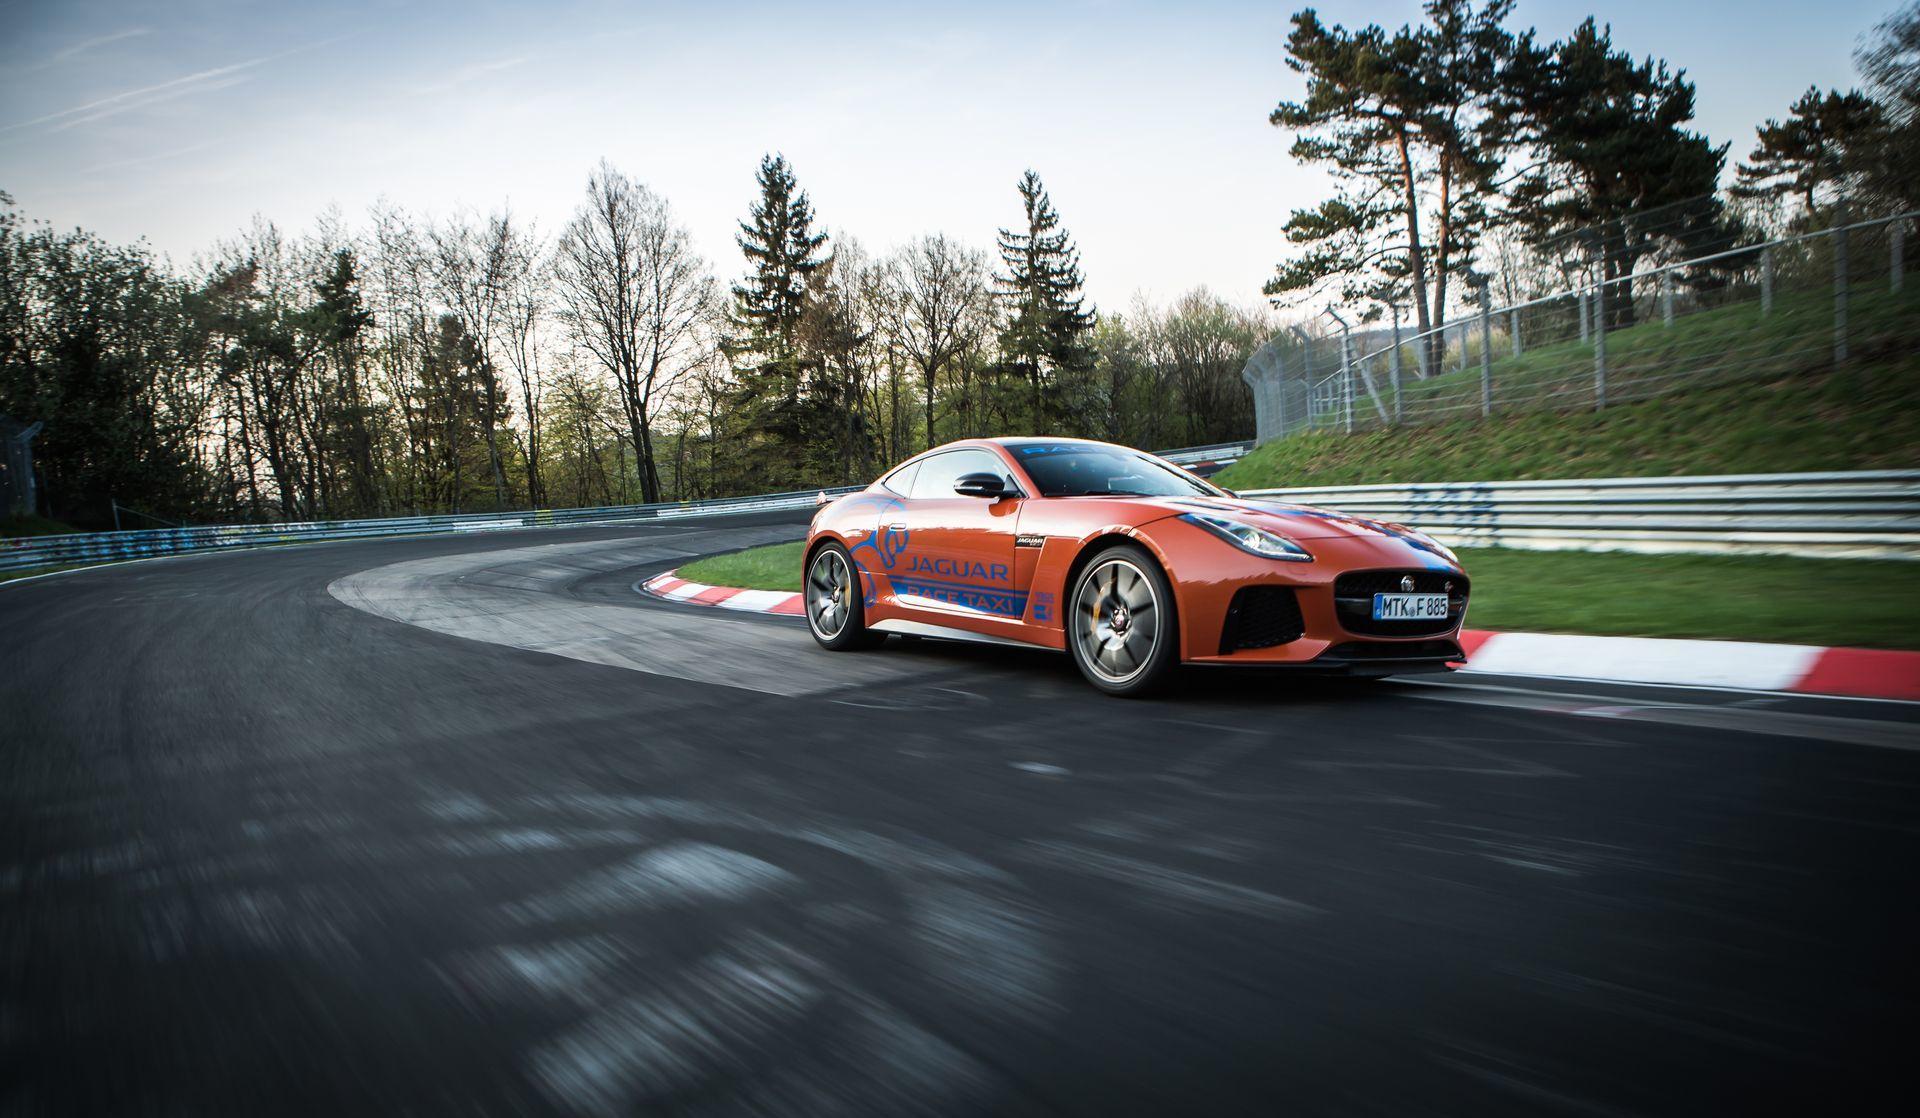 Jaguar Race Taxi Nurburgring 1